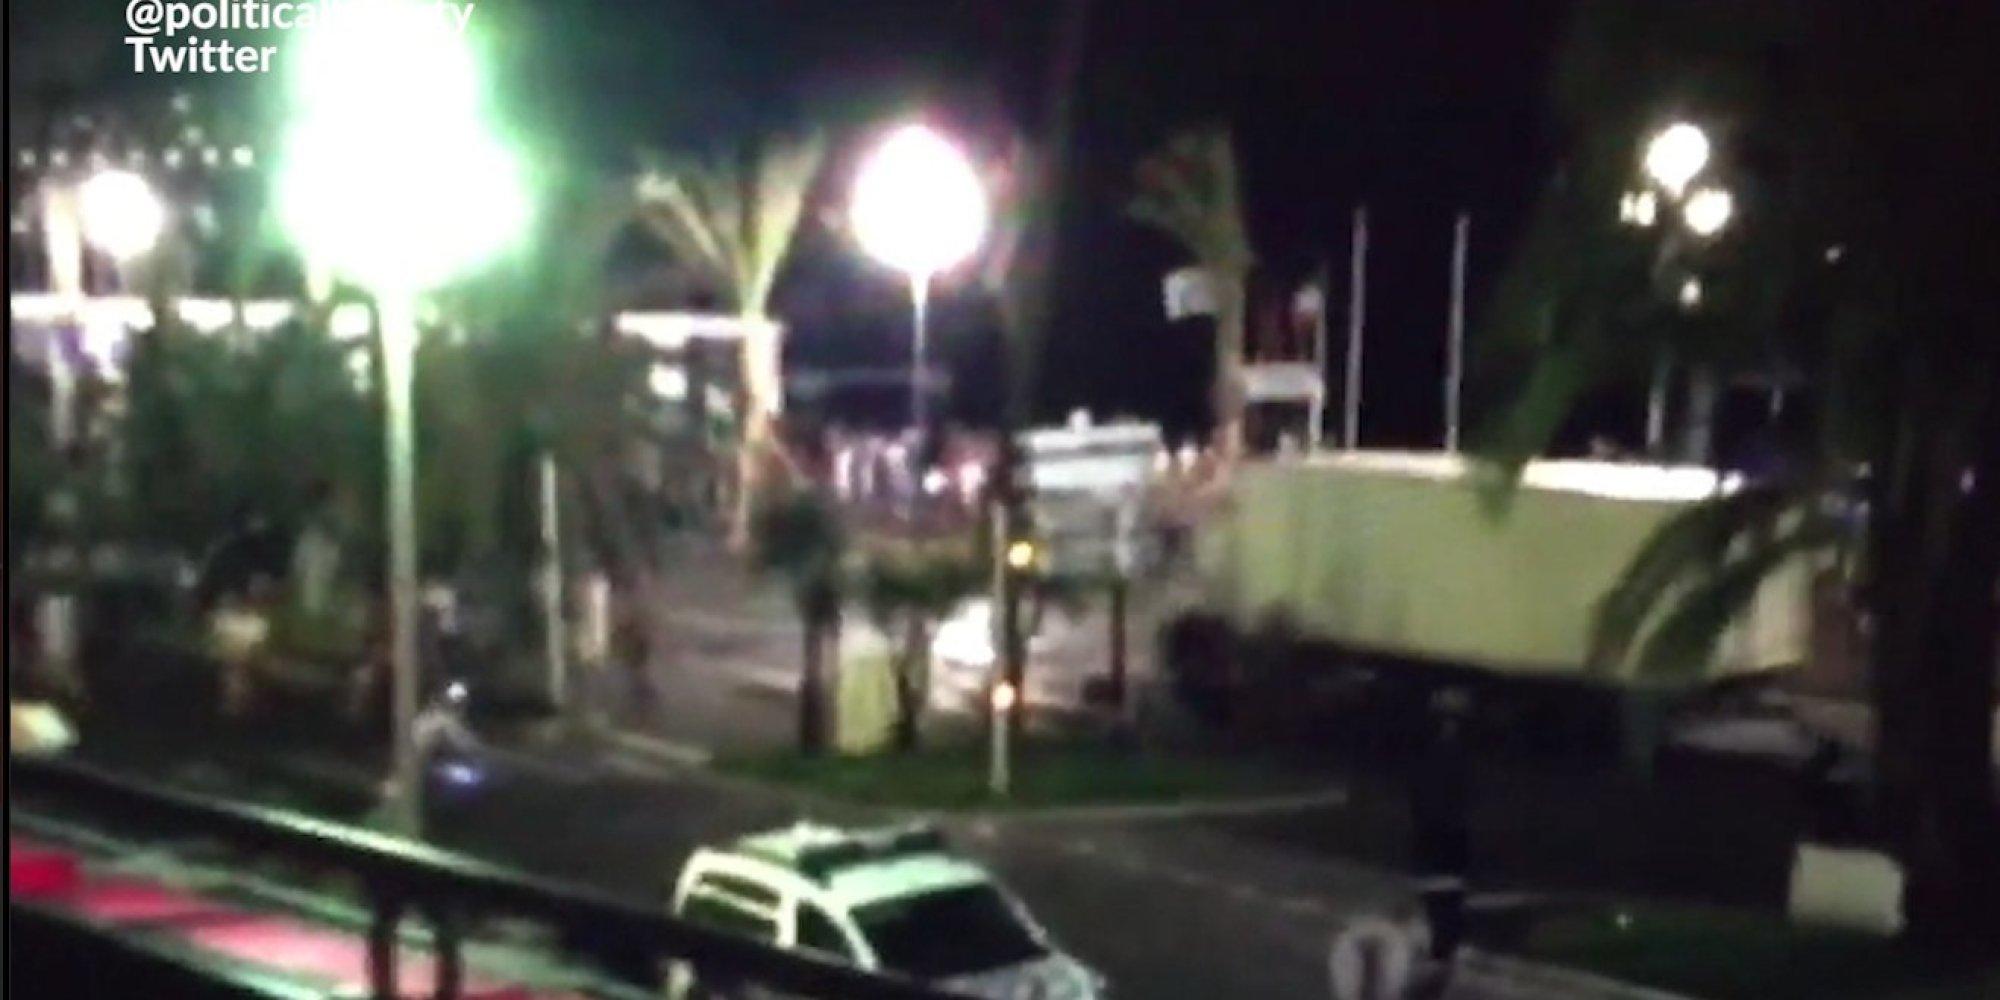 Attentat Facebook: Les Images Du Mouvement De Foule De L'attentat De Nice